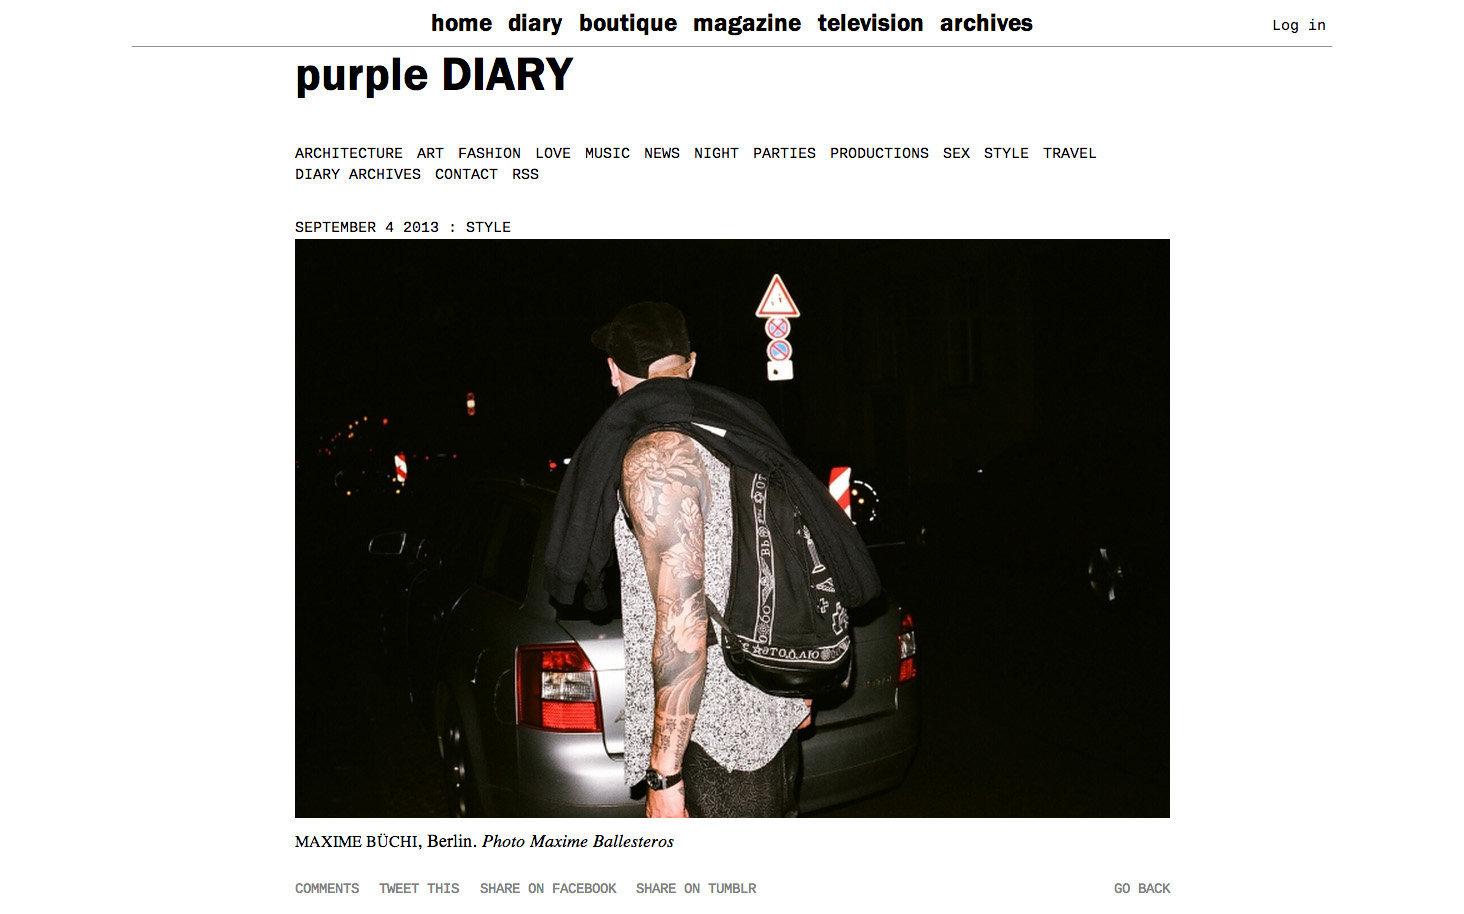 purple DIARY   Maxime B uuml chi  Berlin. Photo Maxime.jpg